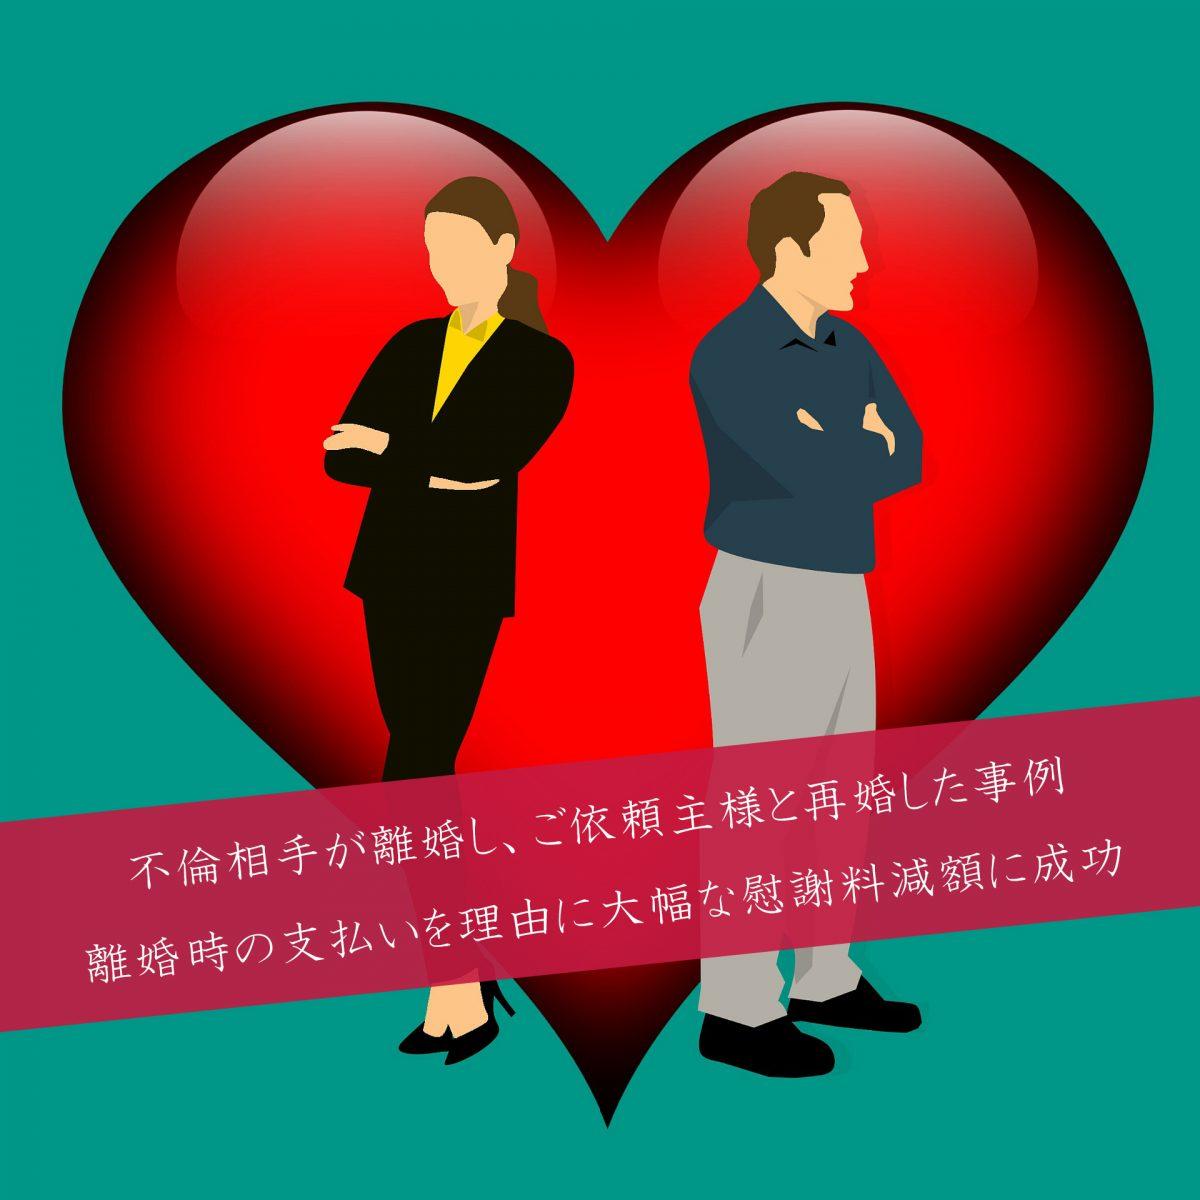 解決事例:不倫相手が離婚時にお金を支払ったことを理由に450万円の慰謝料減額に成功